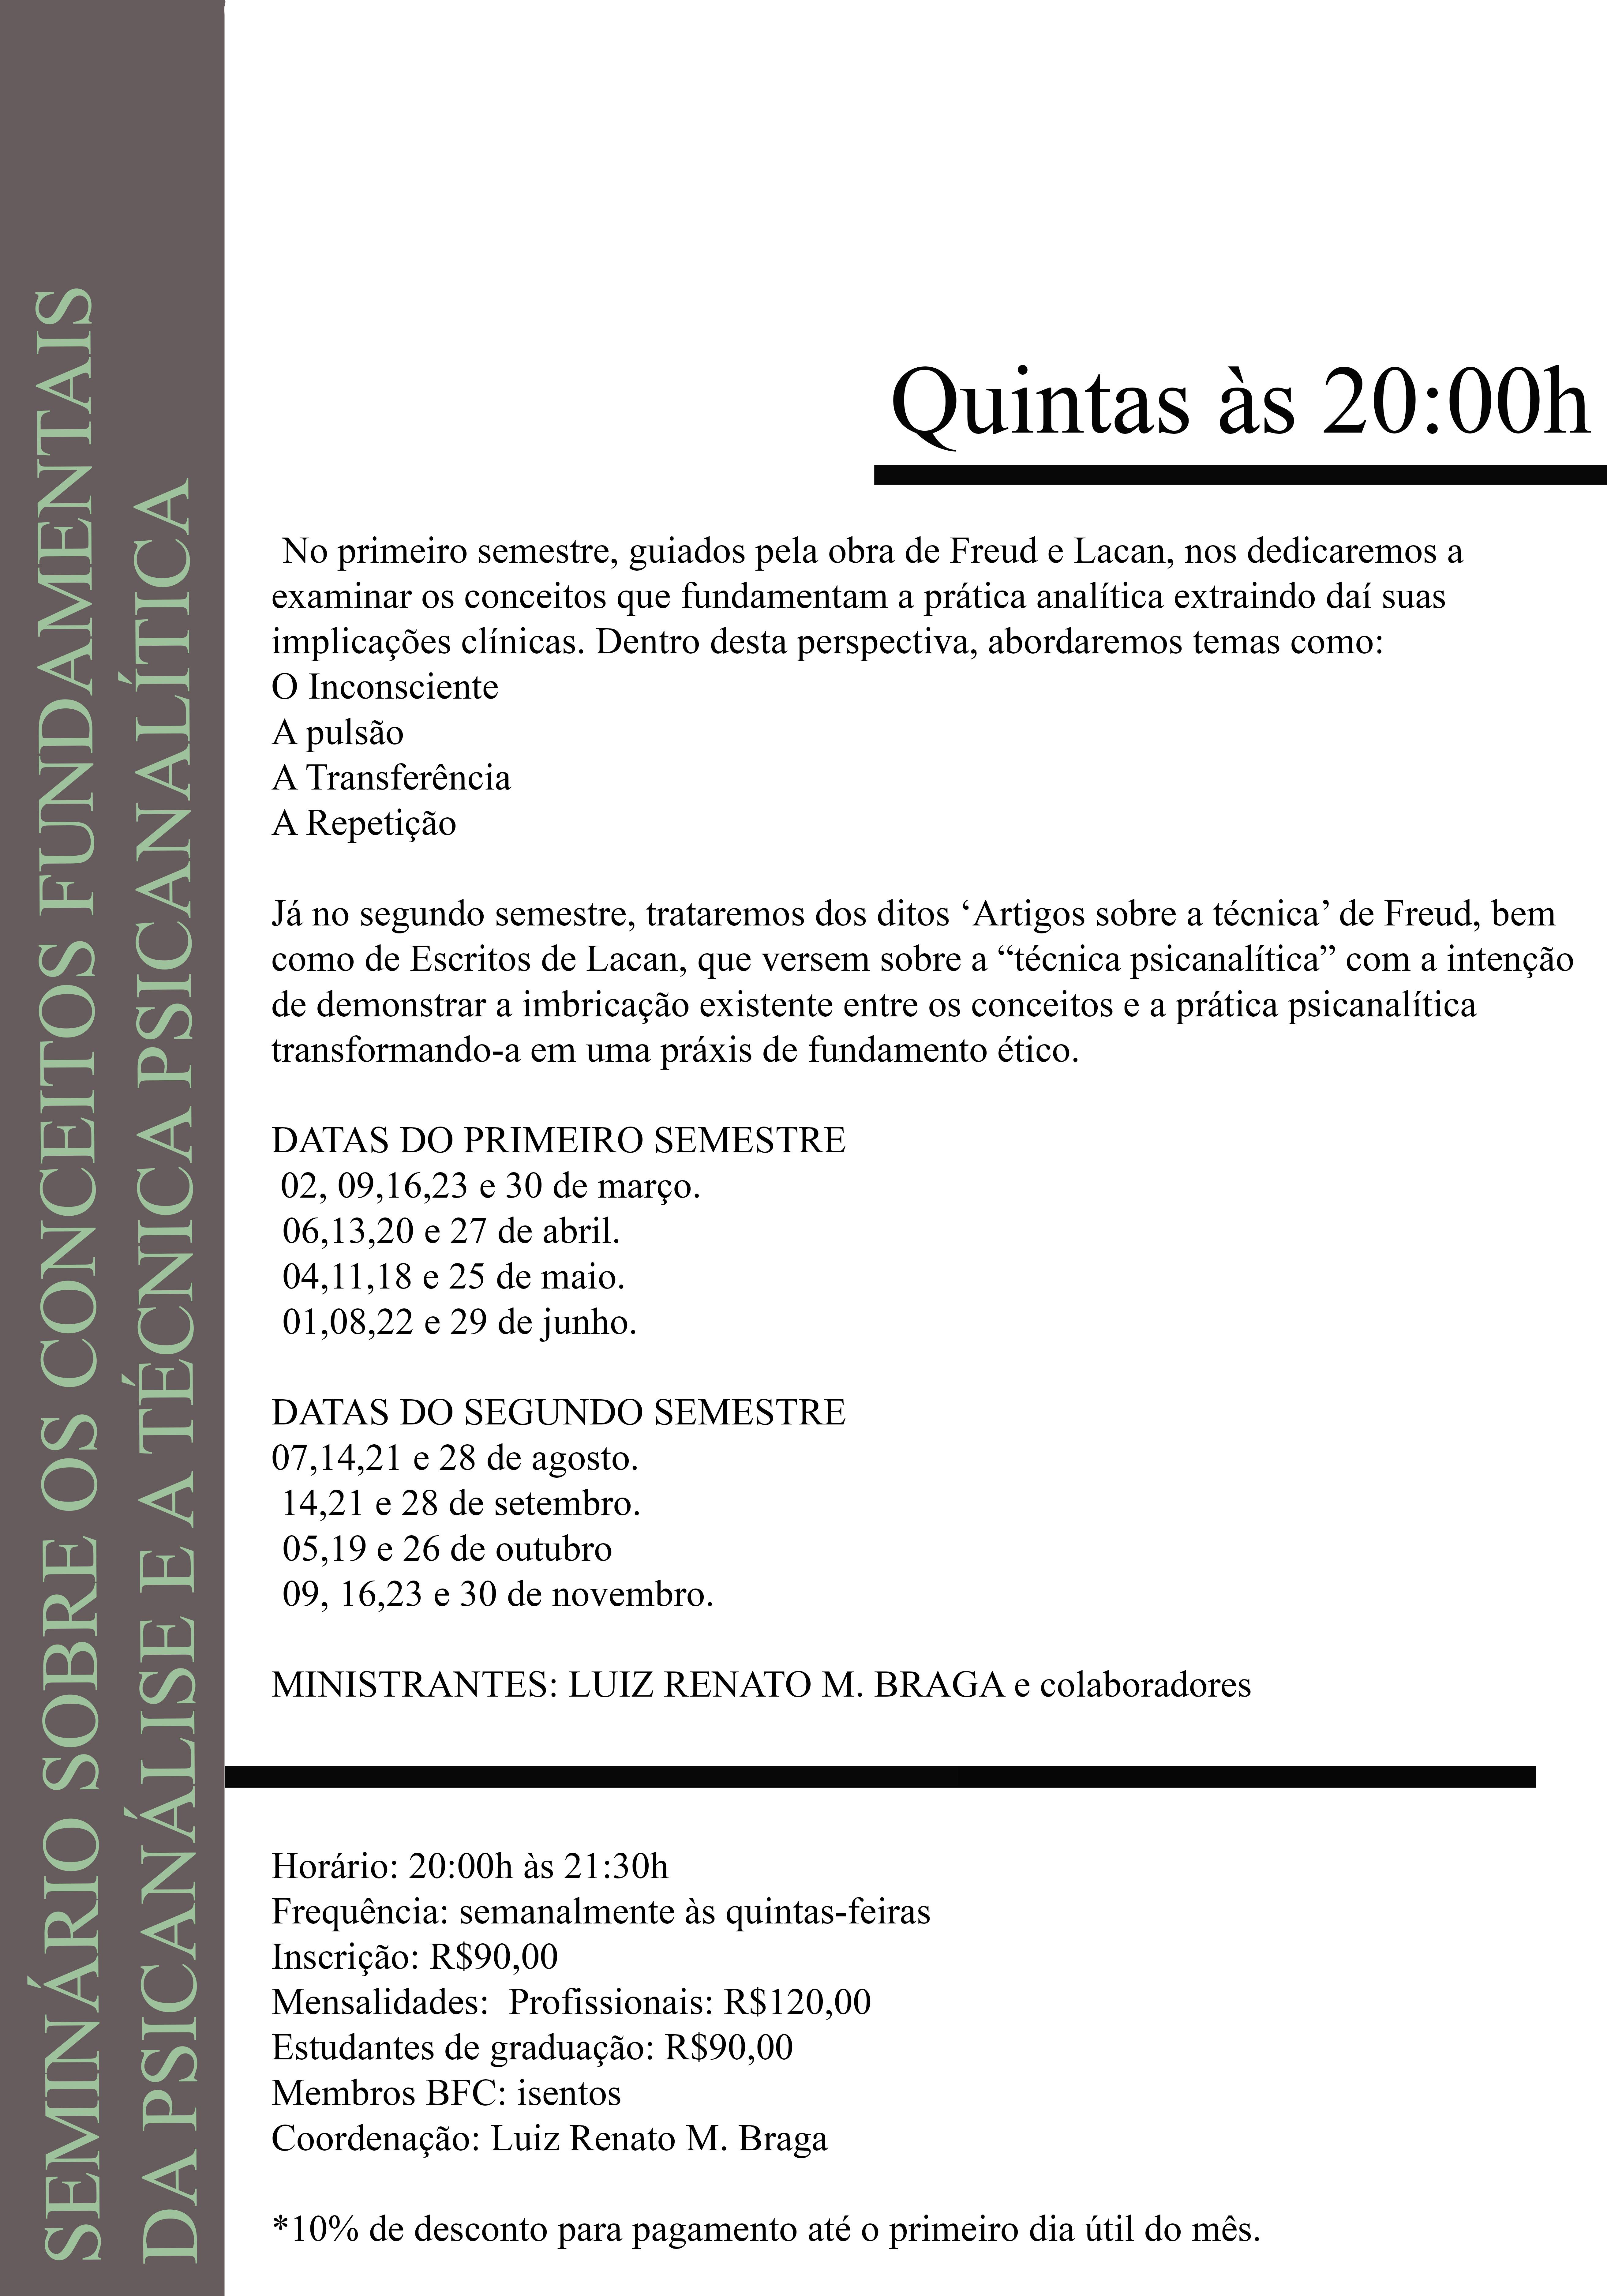 Seminário Sobre Conceitos Fundamentais da Psicanálise e a Técnica Psicanalítica